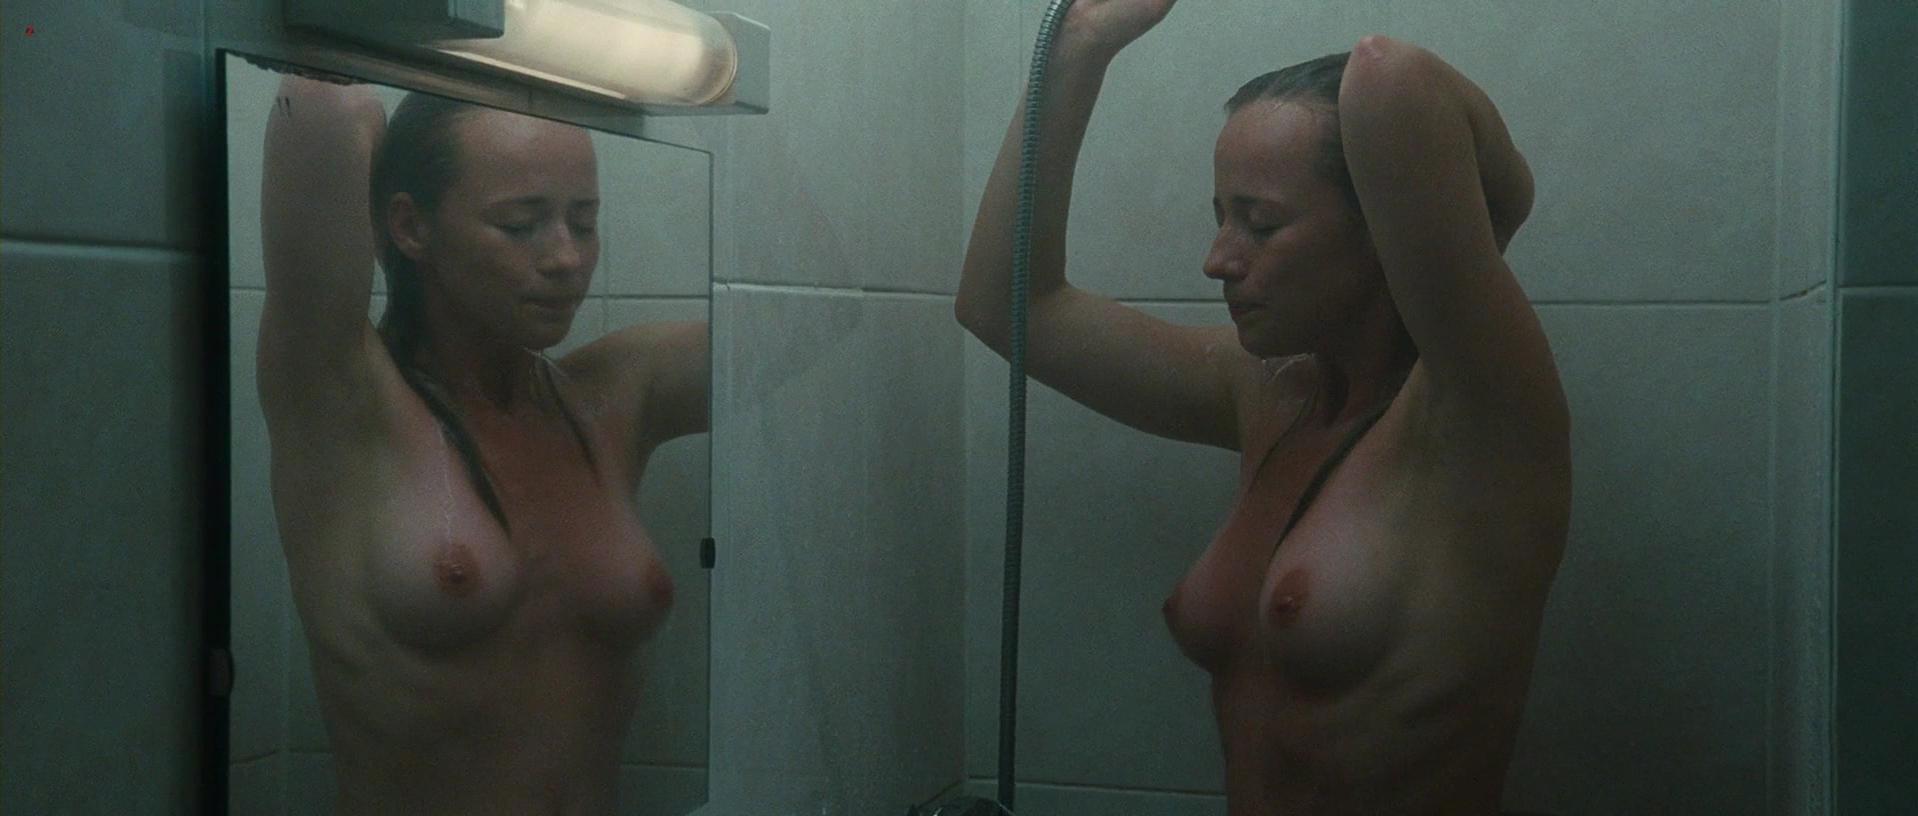 thin naked breast job